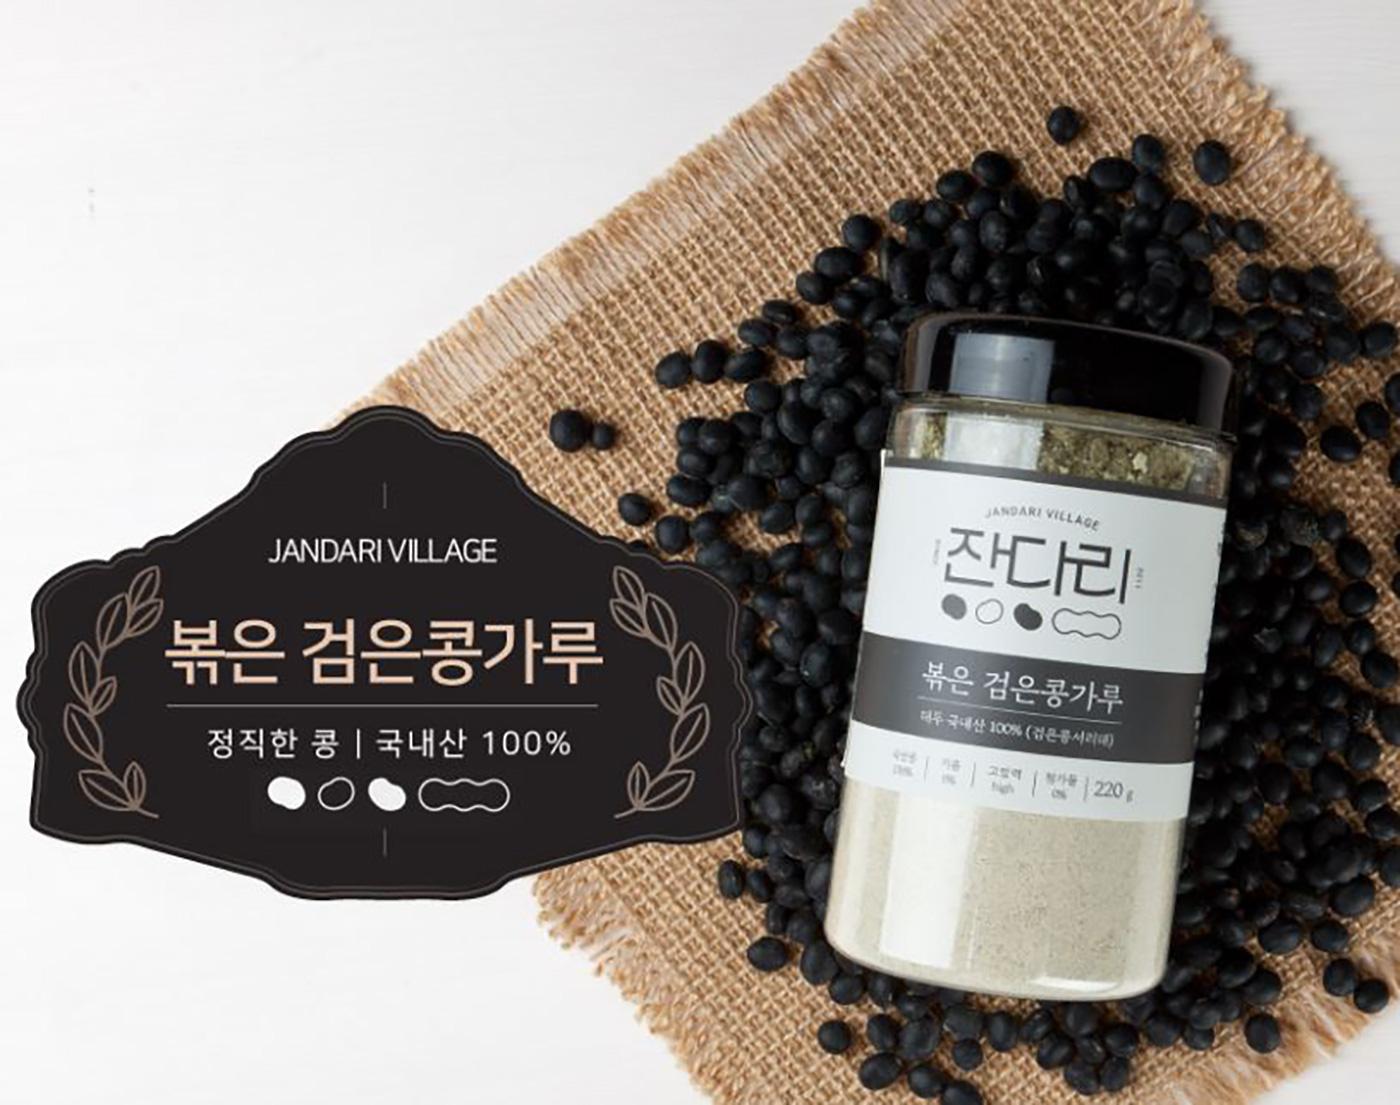 잔다리 고소한 콩국물/잔다리 고소한 콩국물 340g 5팩 상세이미지3